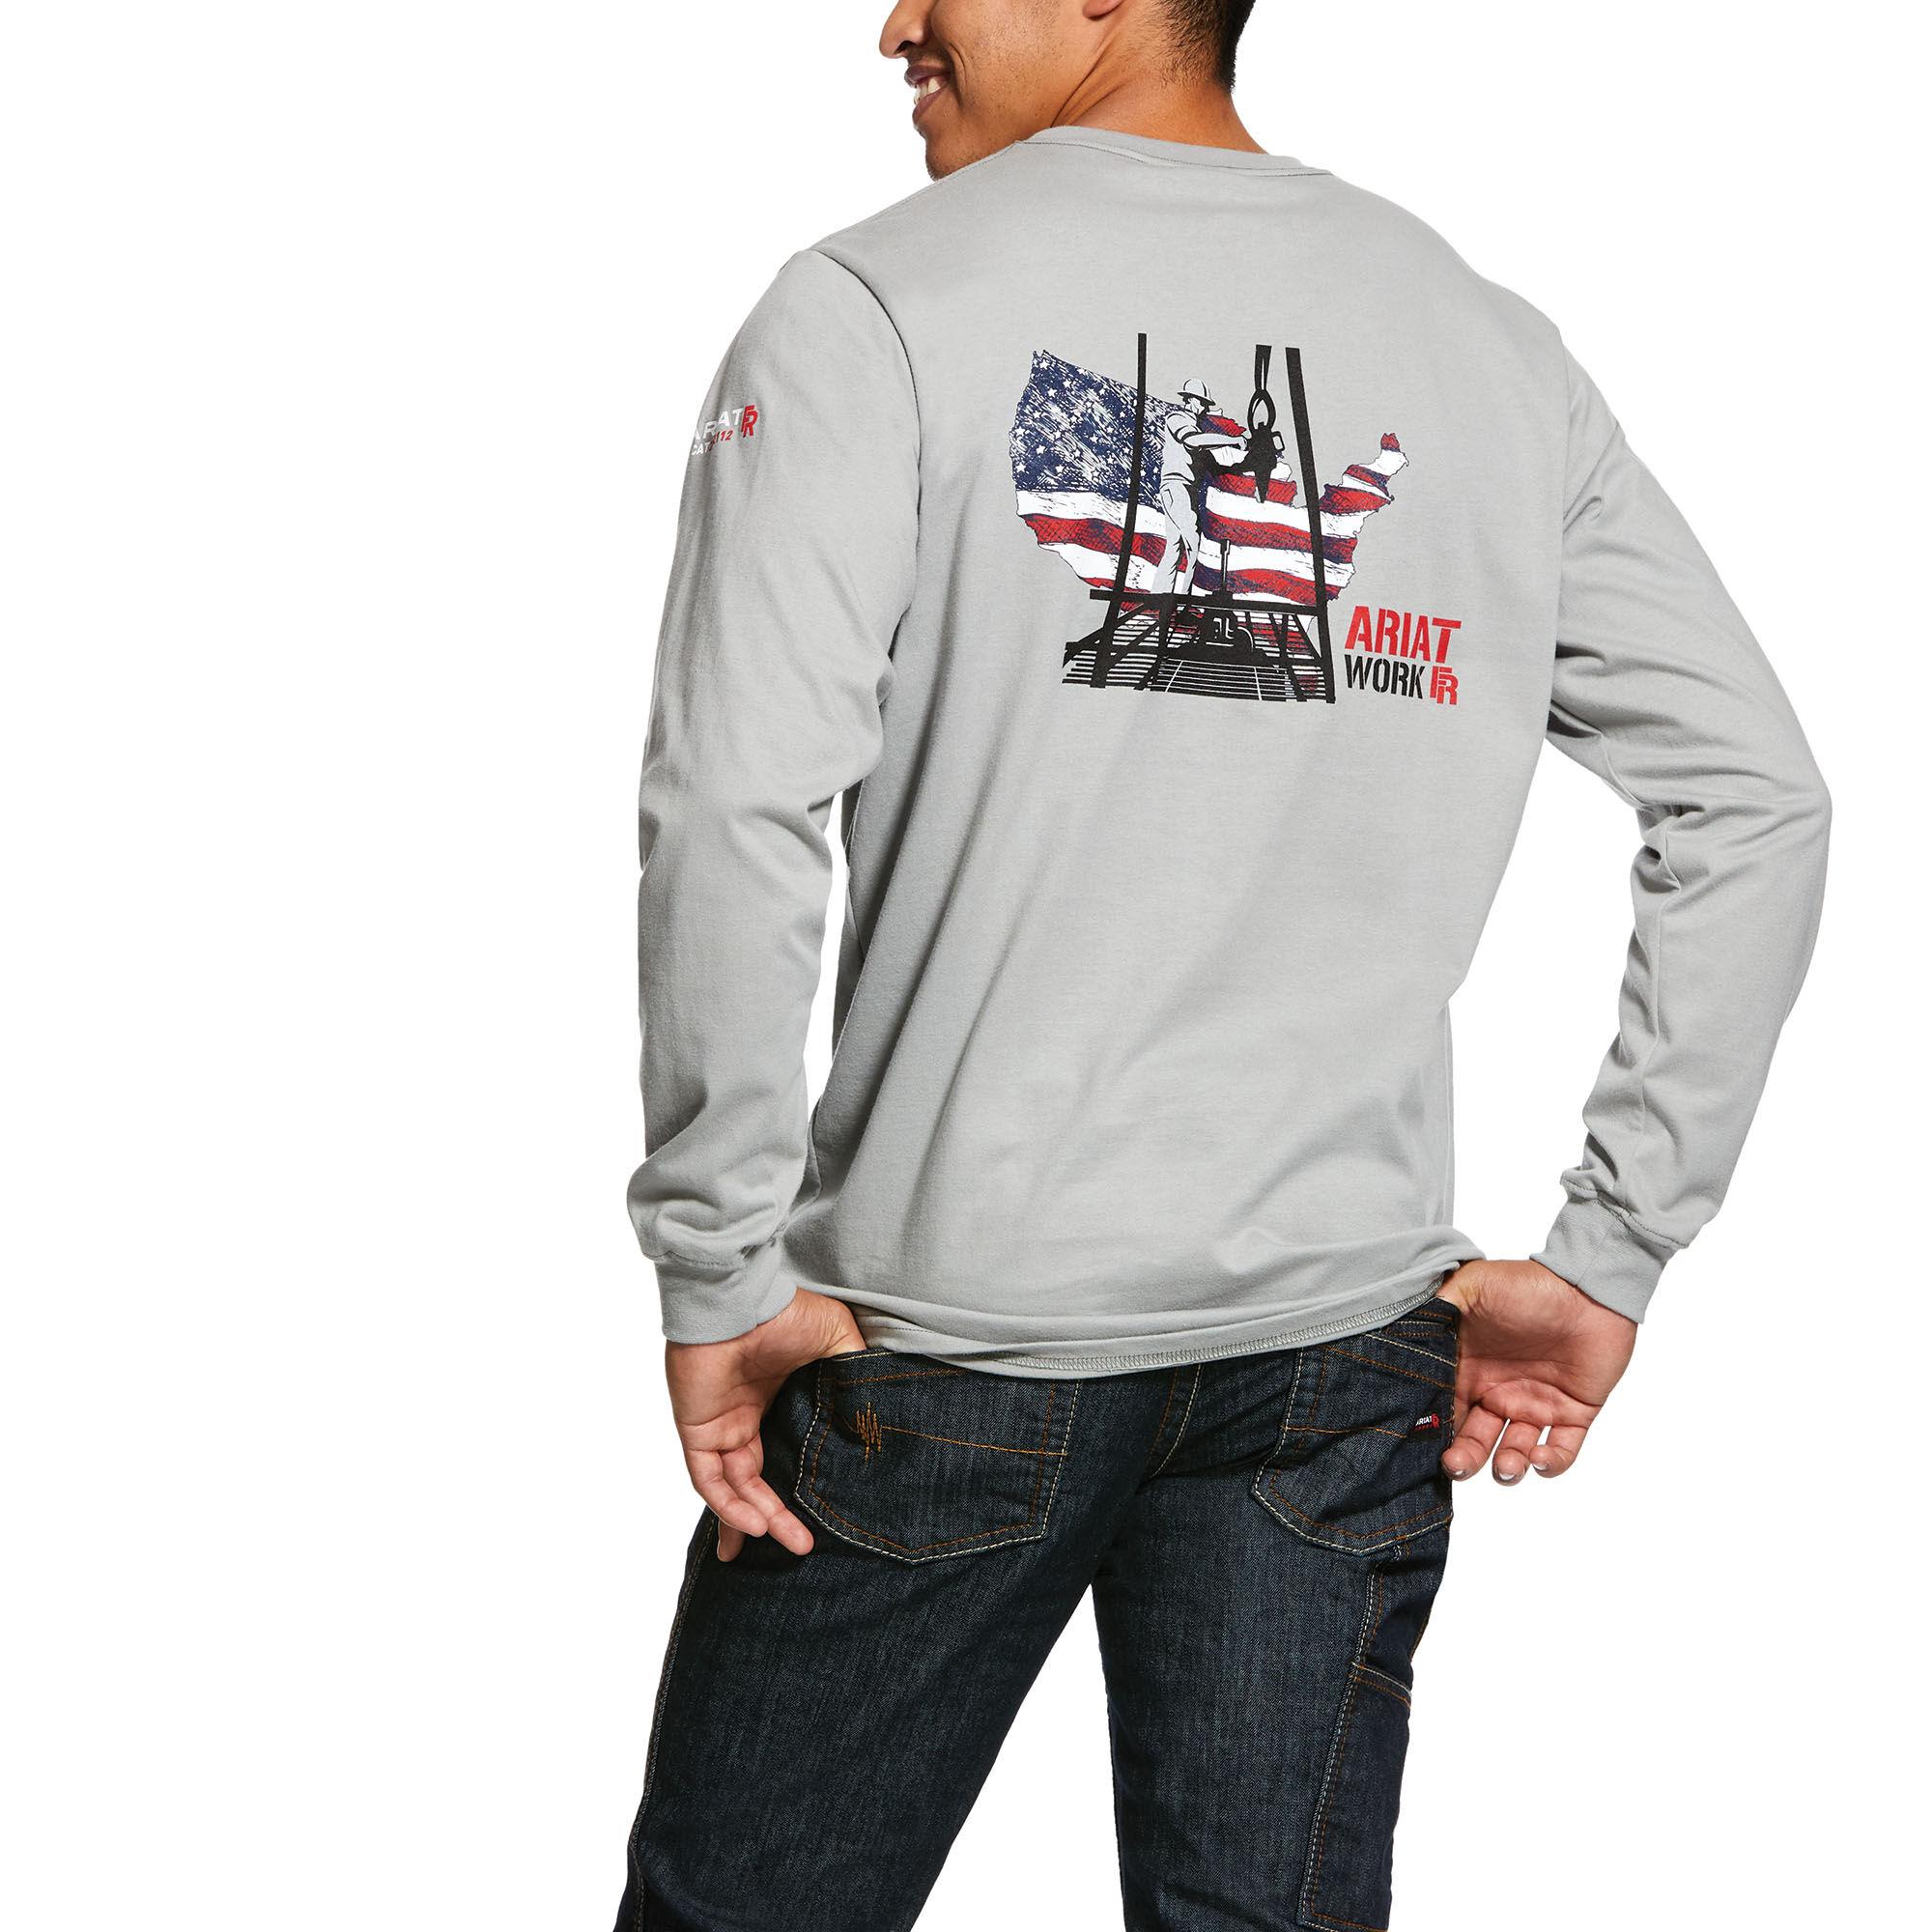 FR Heartland Graphic T-Shirt | Ariat